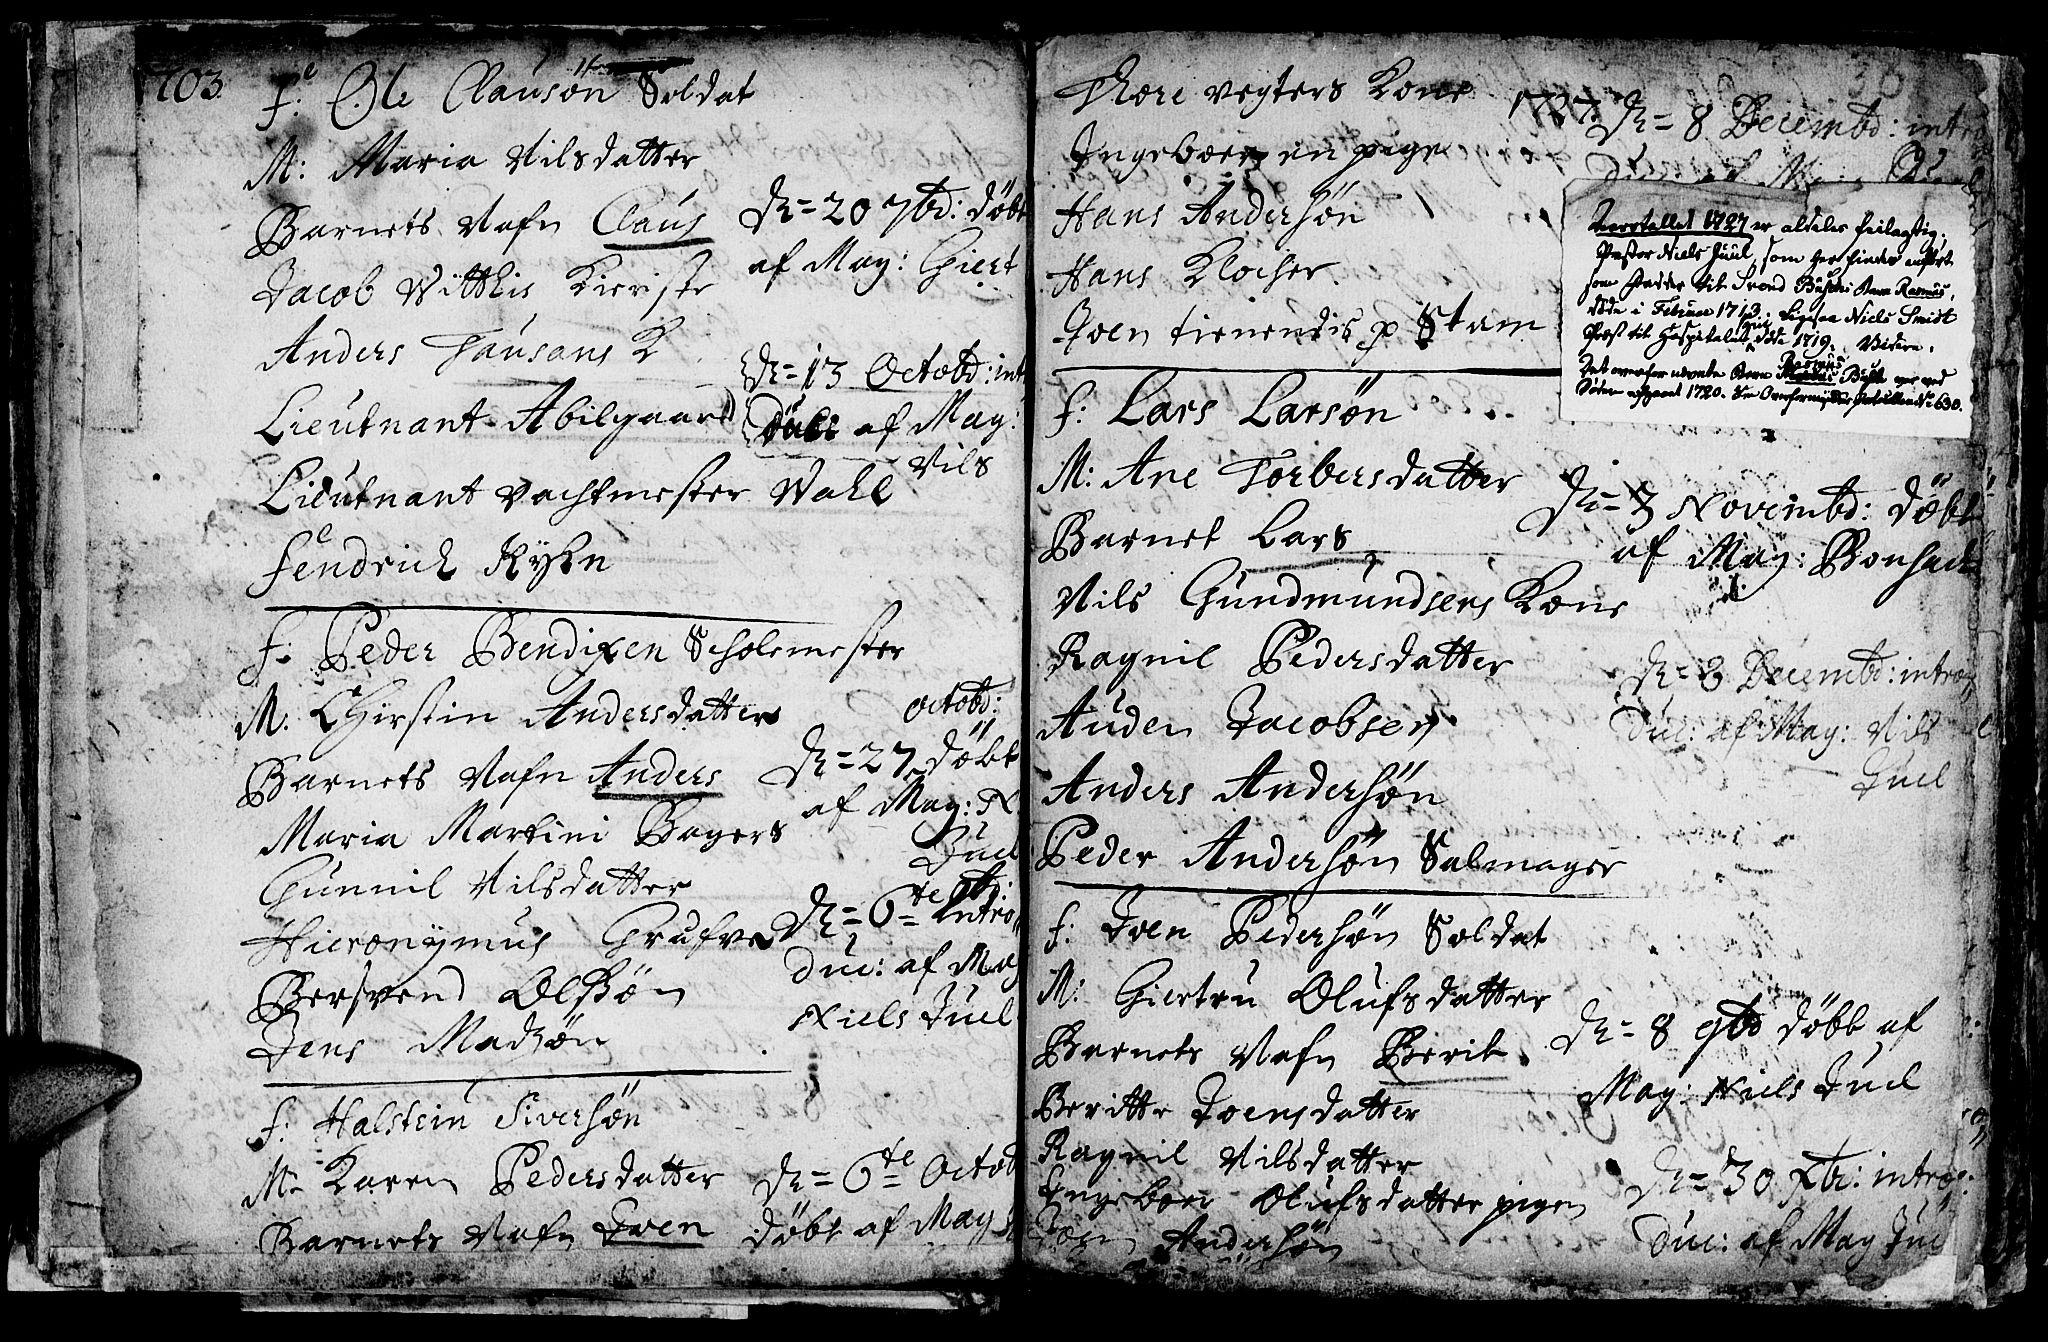 SAT, Ministerialprotokoller, klokkerbøker og fødselsregistre - Sør-Trøndelag, 601/L0034: Ministerialbok nr. 601A02, 1702-1714, s. 30